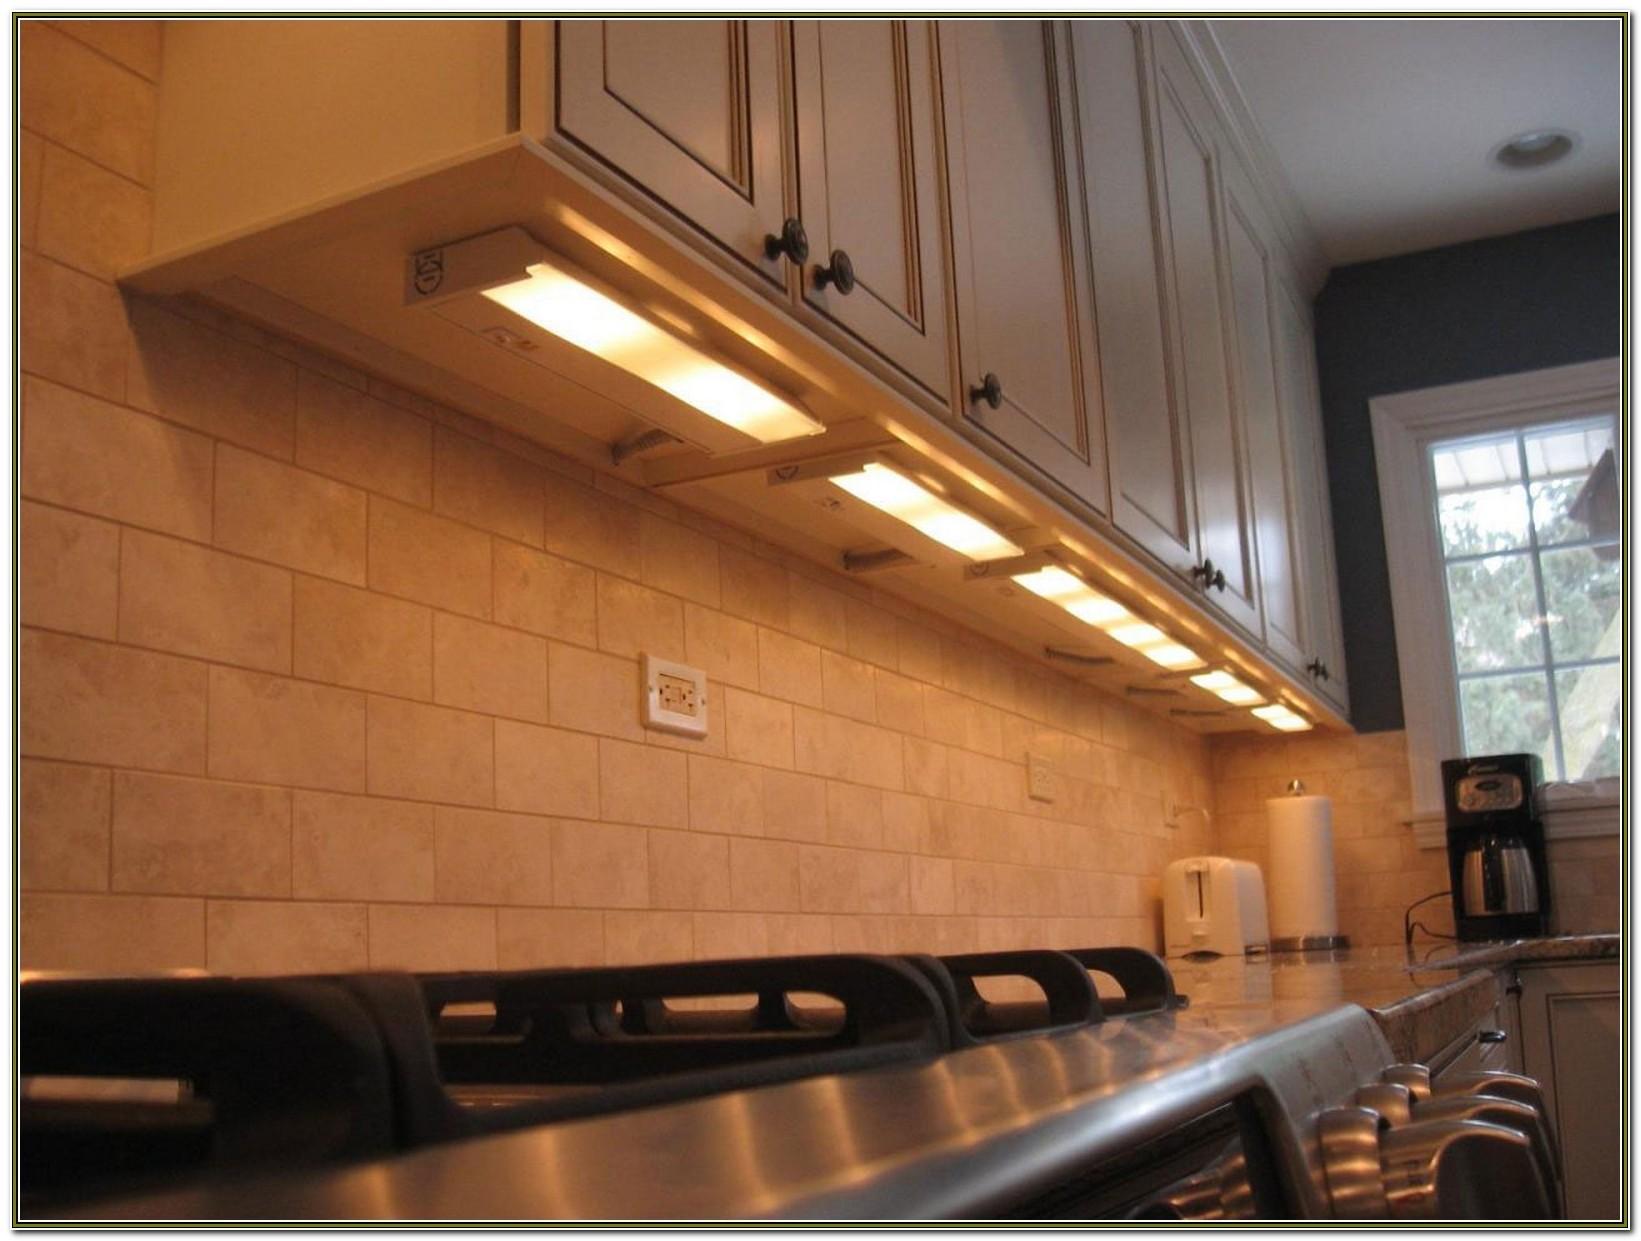 Hardwired Under Cabinet Lighting Fixtures